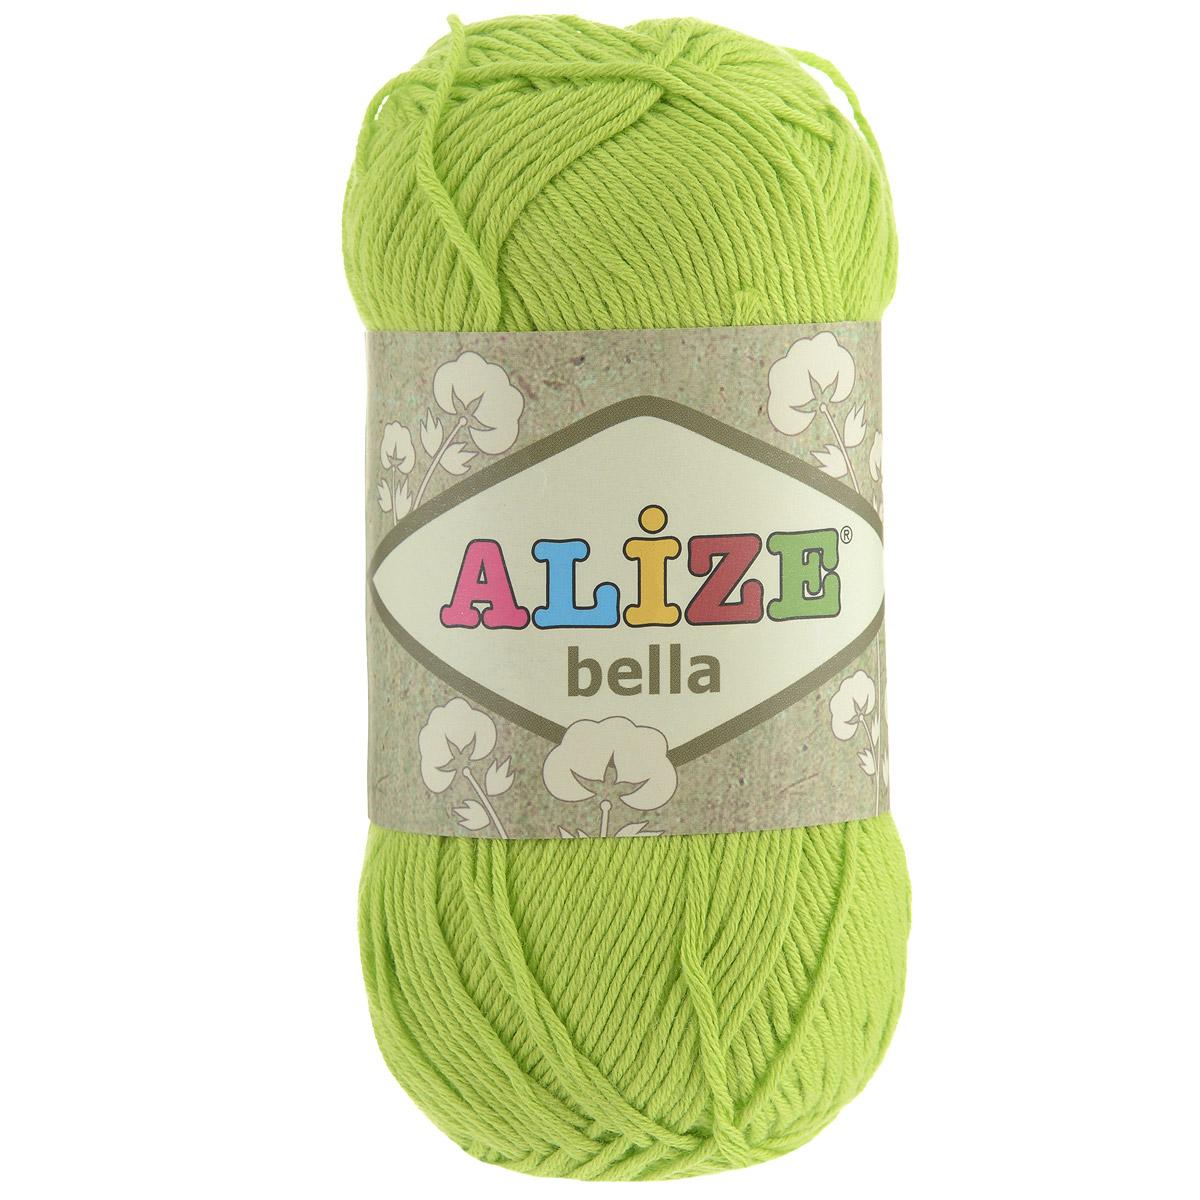 Пряжа для вязания Alize Bella, цвет: салатовый (612), 180 м, 50 г, 5 шт364124_612Пряжа Alize Bella подходит для ручного вязания детям и взрослым. Пряжа однотонная, приятная на ощупь, хорошо лежит в полотне. Изделия из такой нити получаются мягкие и красивые. Рекомендованные спицы 2-4 мм и крючок для вязания 1-3 мм. Комплектация: 5 мотков. Состав: 100% хлопок.